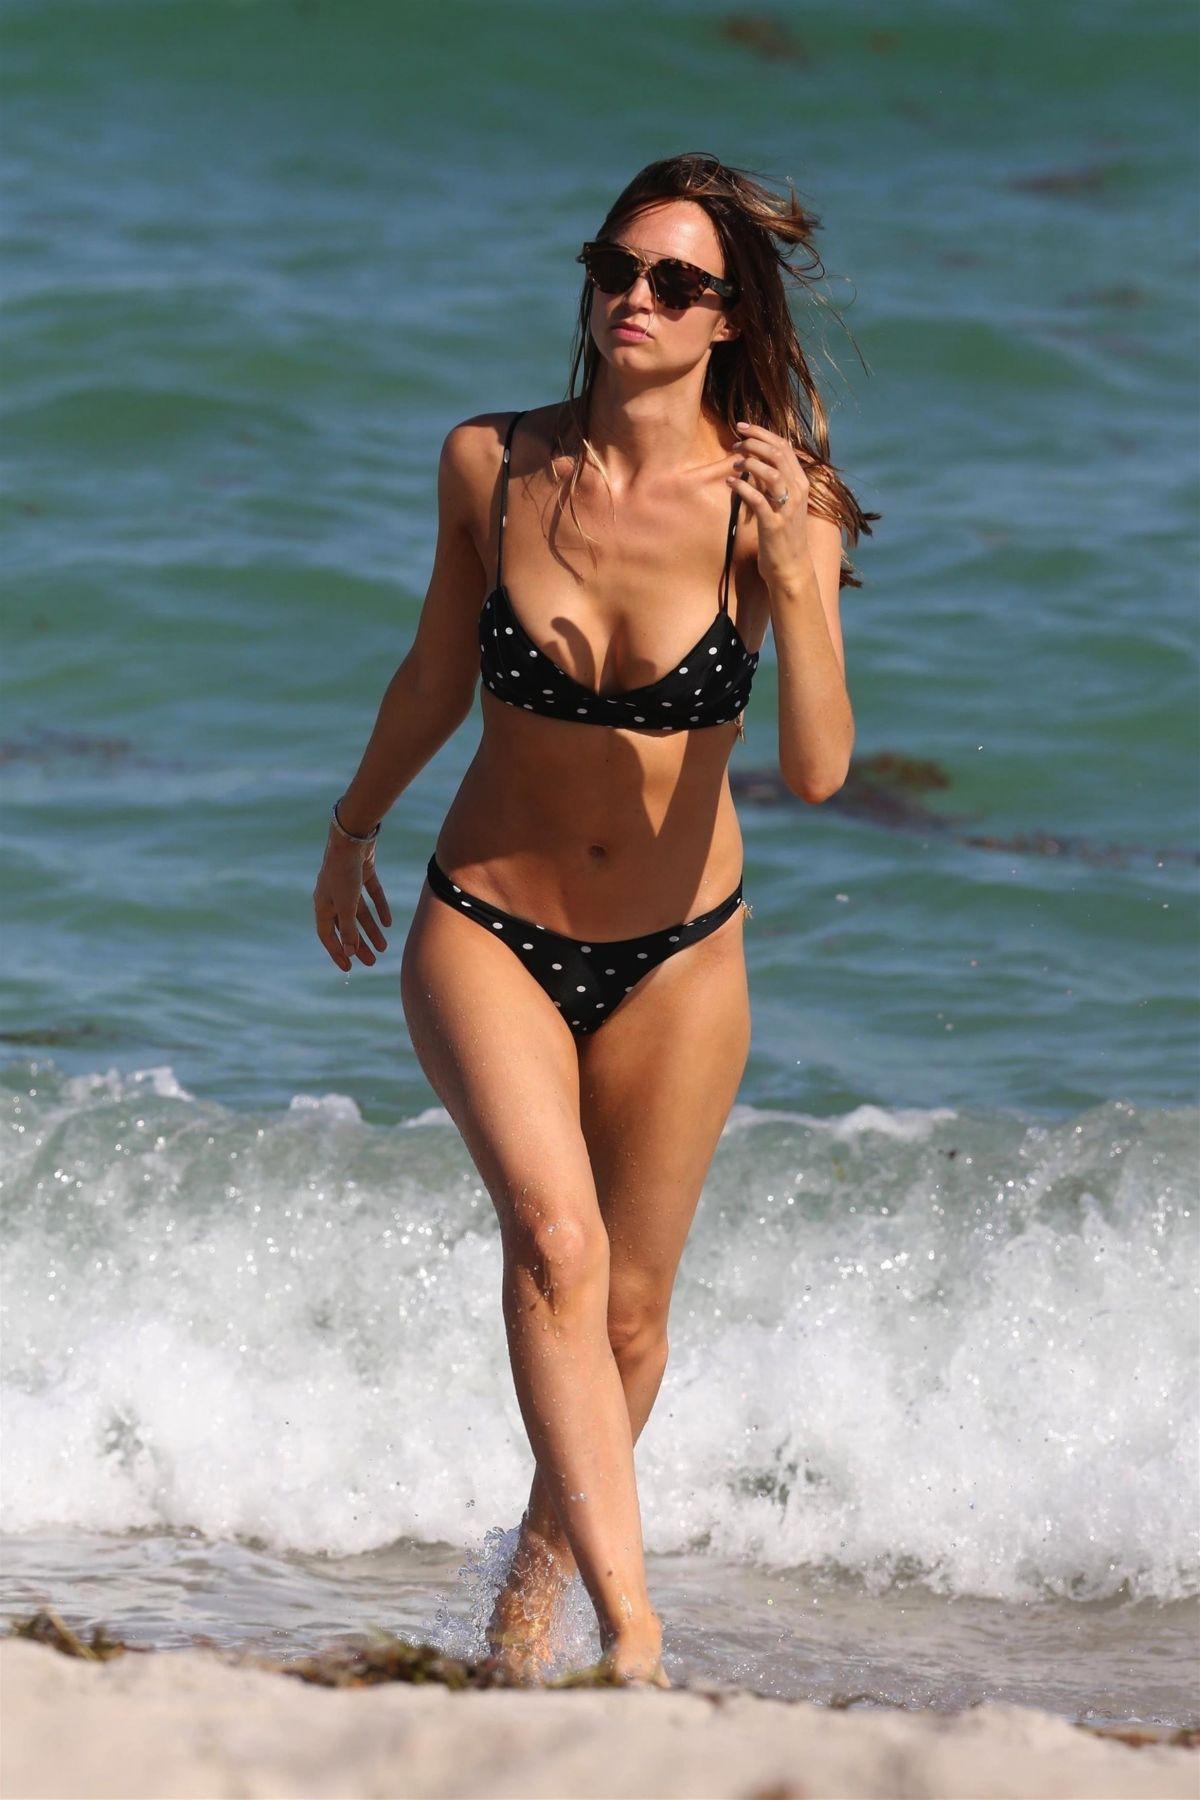 Kimberley Garner in Yellow Bikini on the beach in Miami Pic 5 of 35